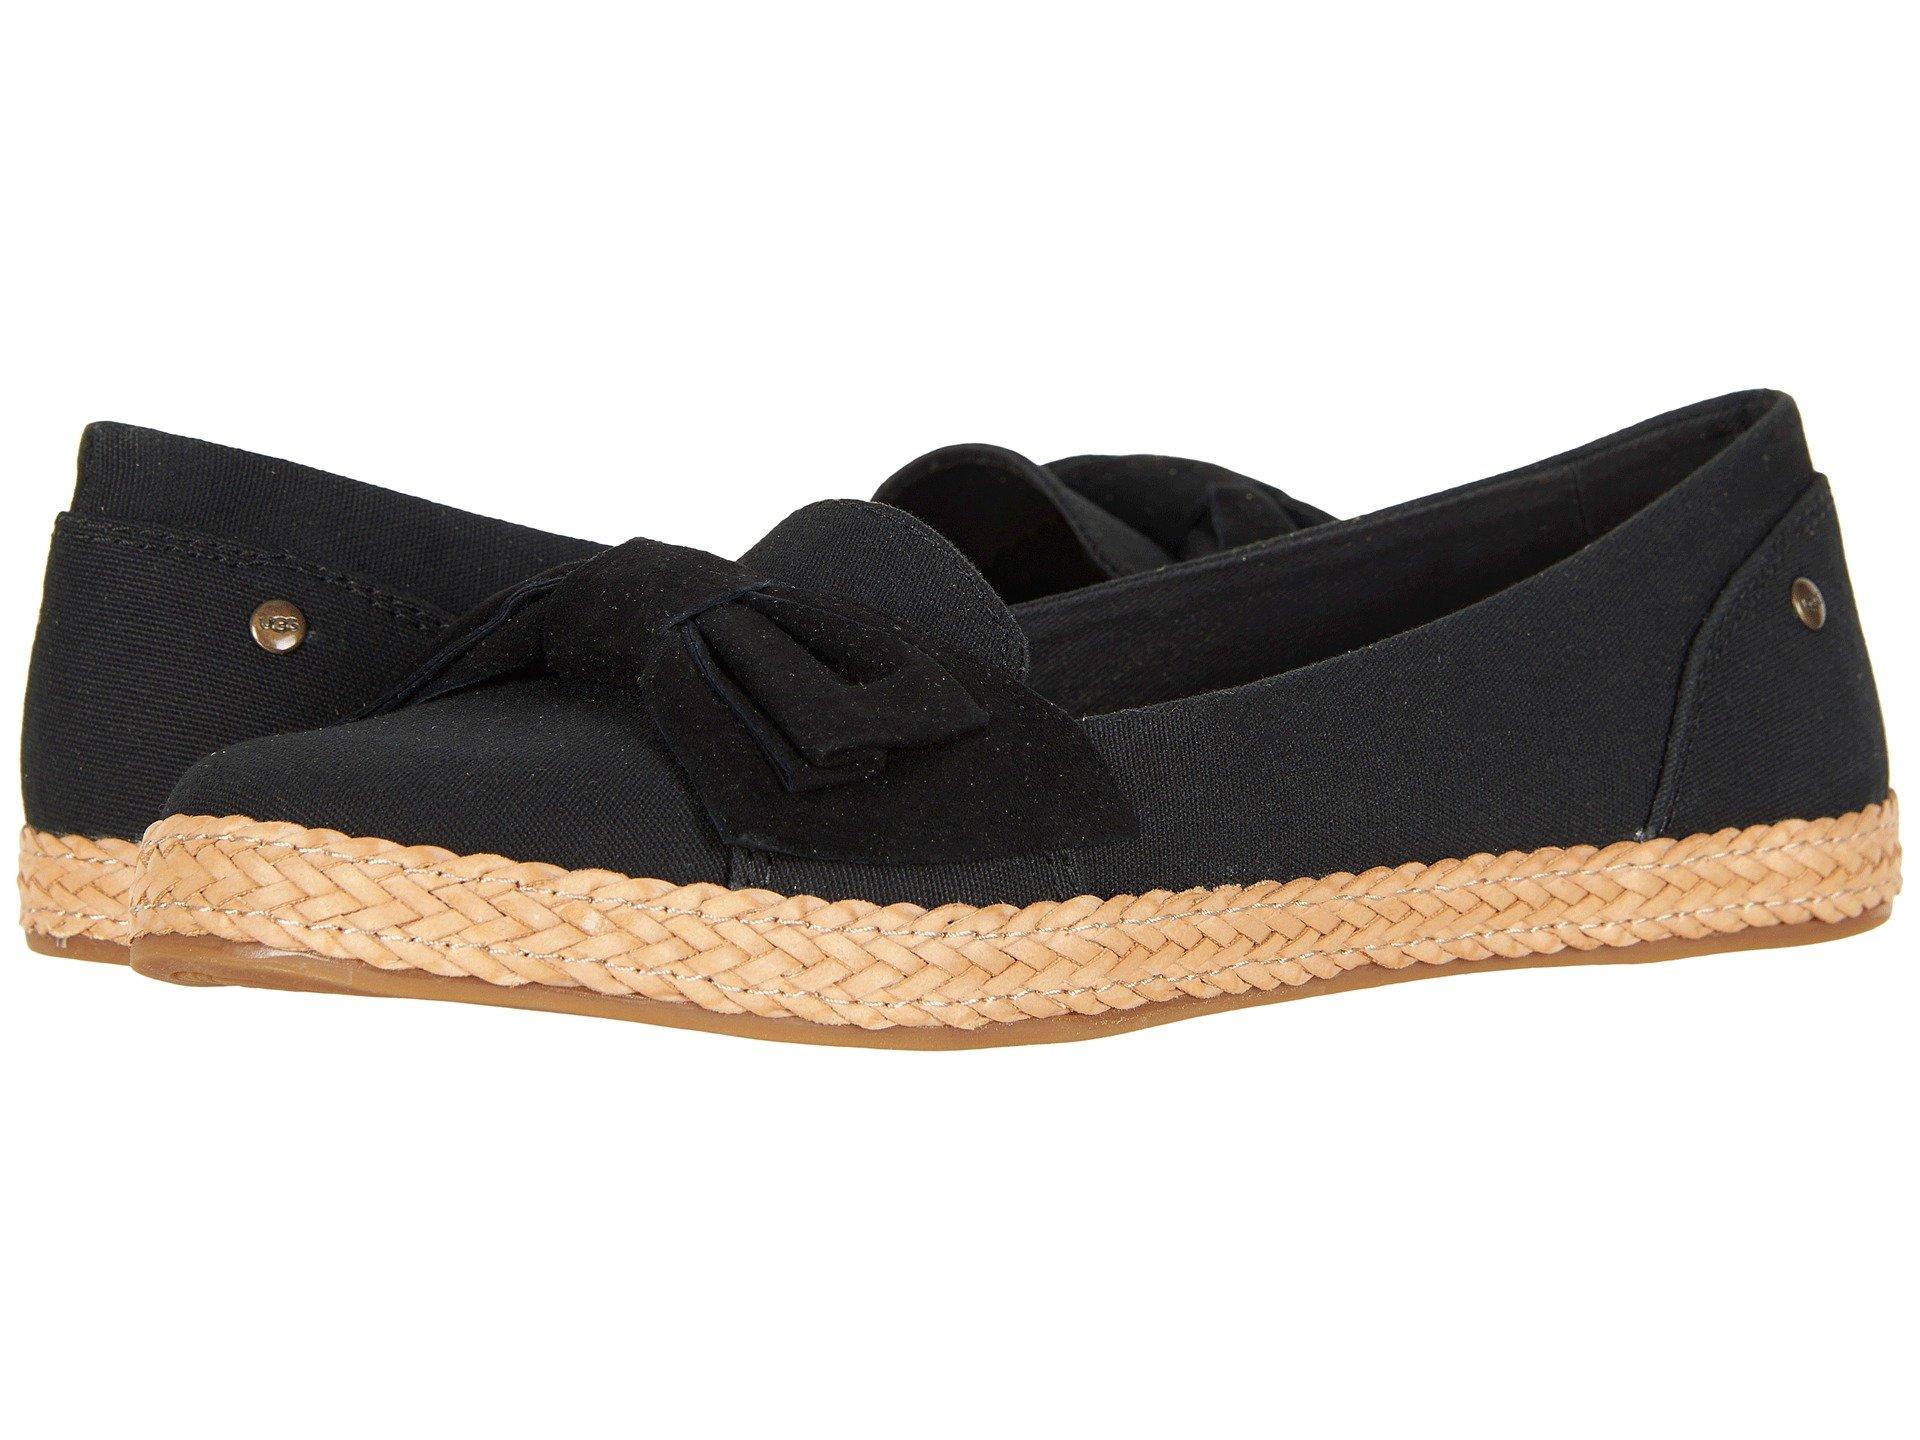 UGG Abigail (Black) Women's Slip on Shoes